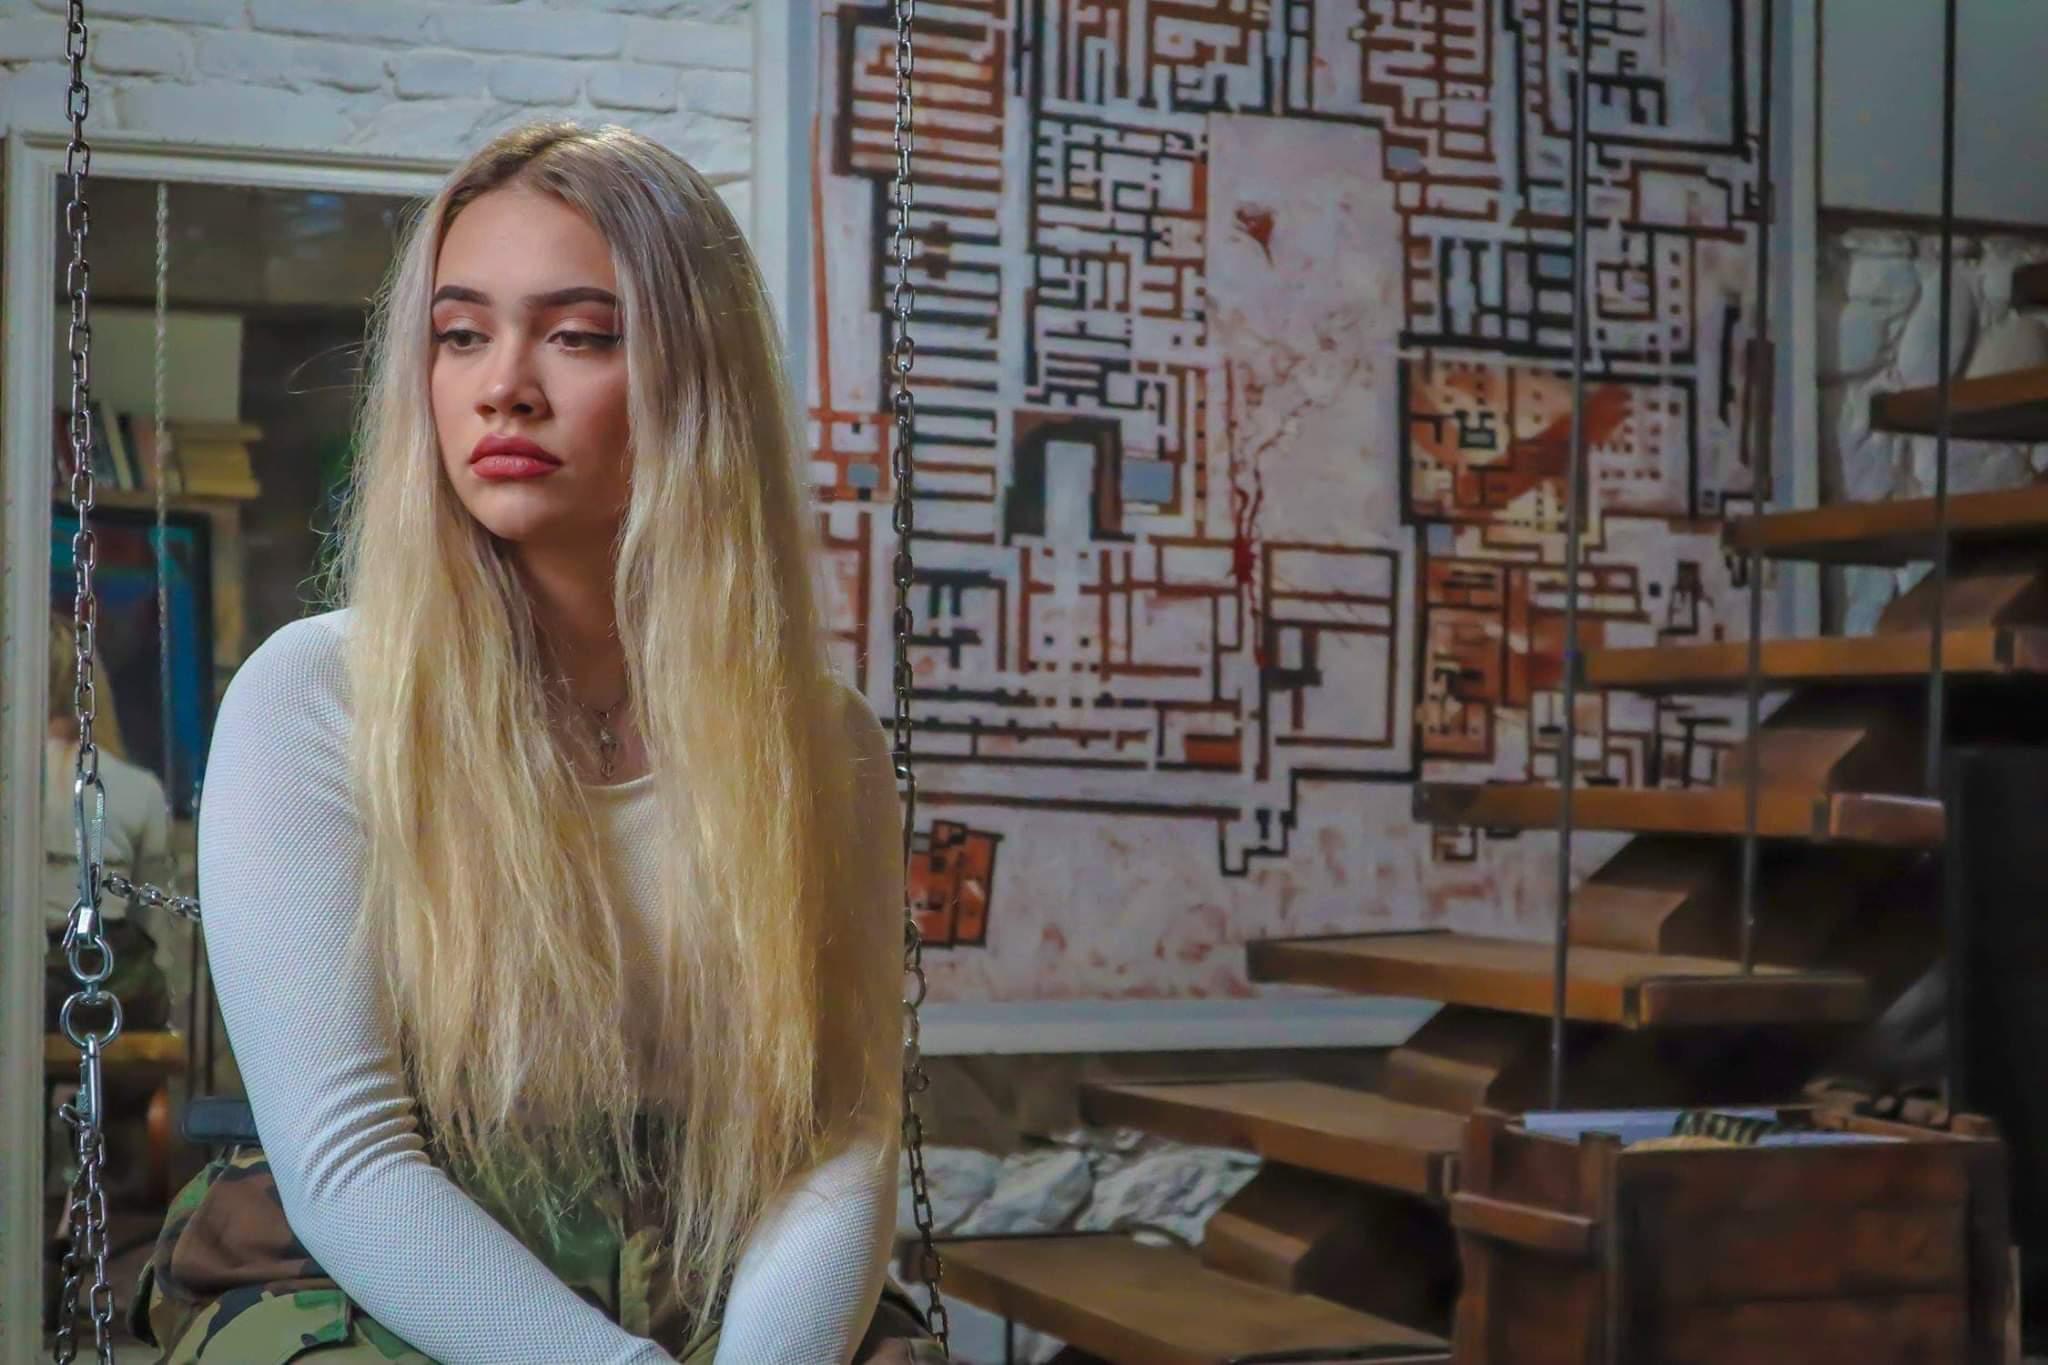 Ѕвездата е родена: Битолчанката Ана Марија Поповска со нејзината прва обработка од Lady Gaga